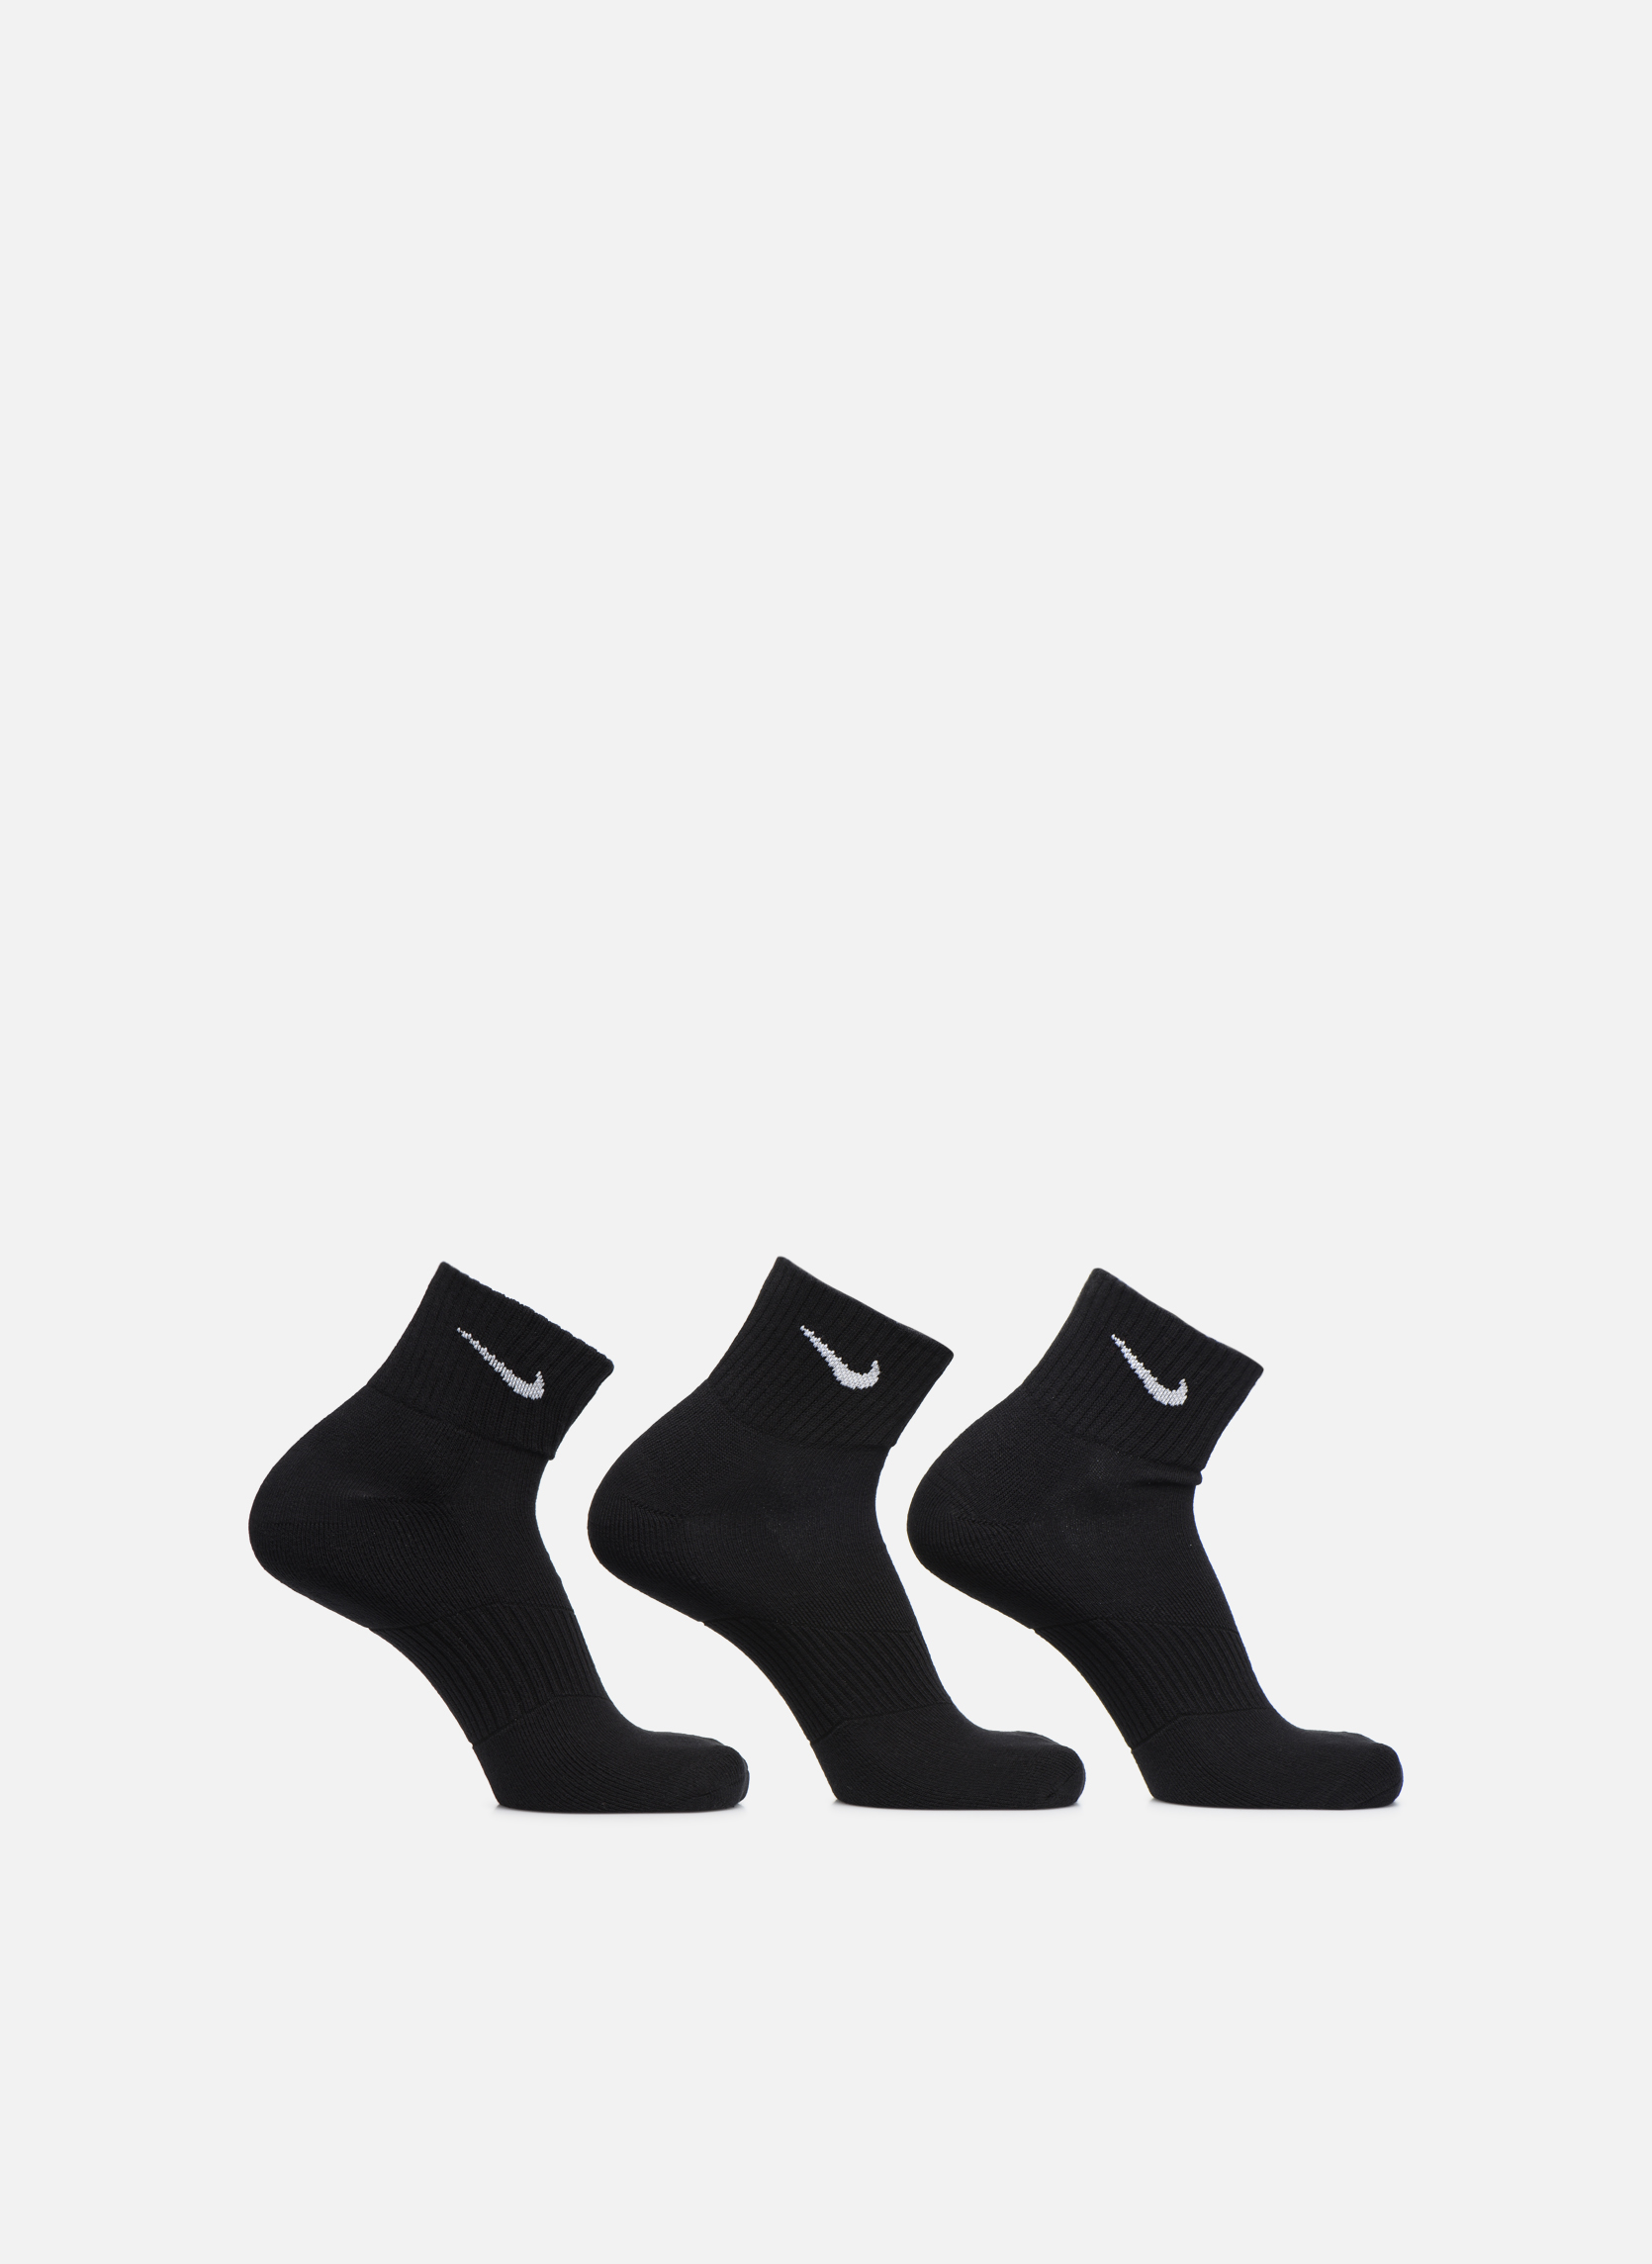 Socks & tights Accessories (3 pack) Low Nike Cushion socks